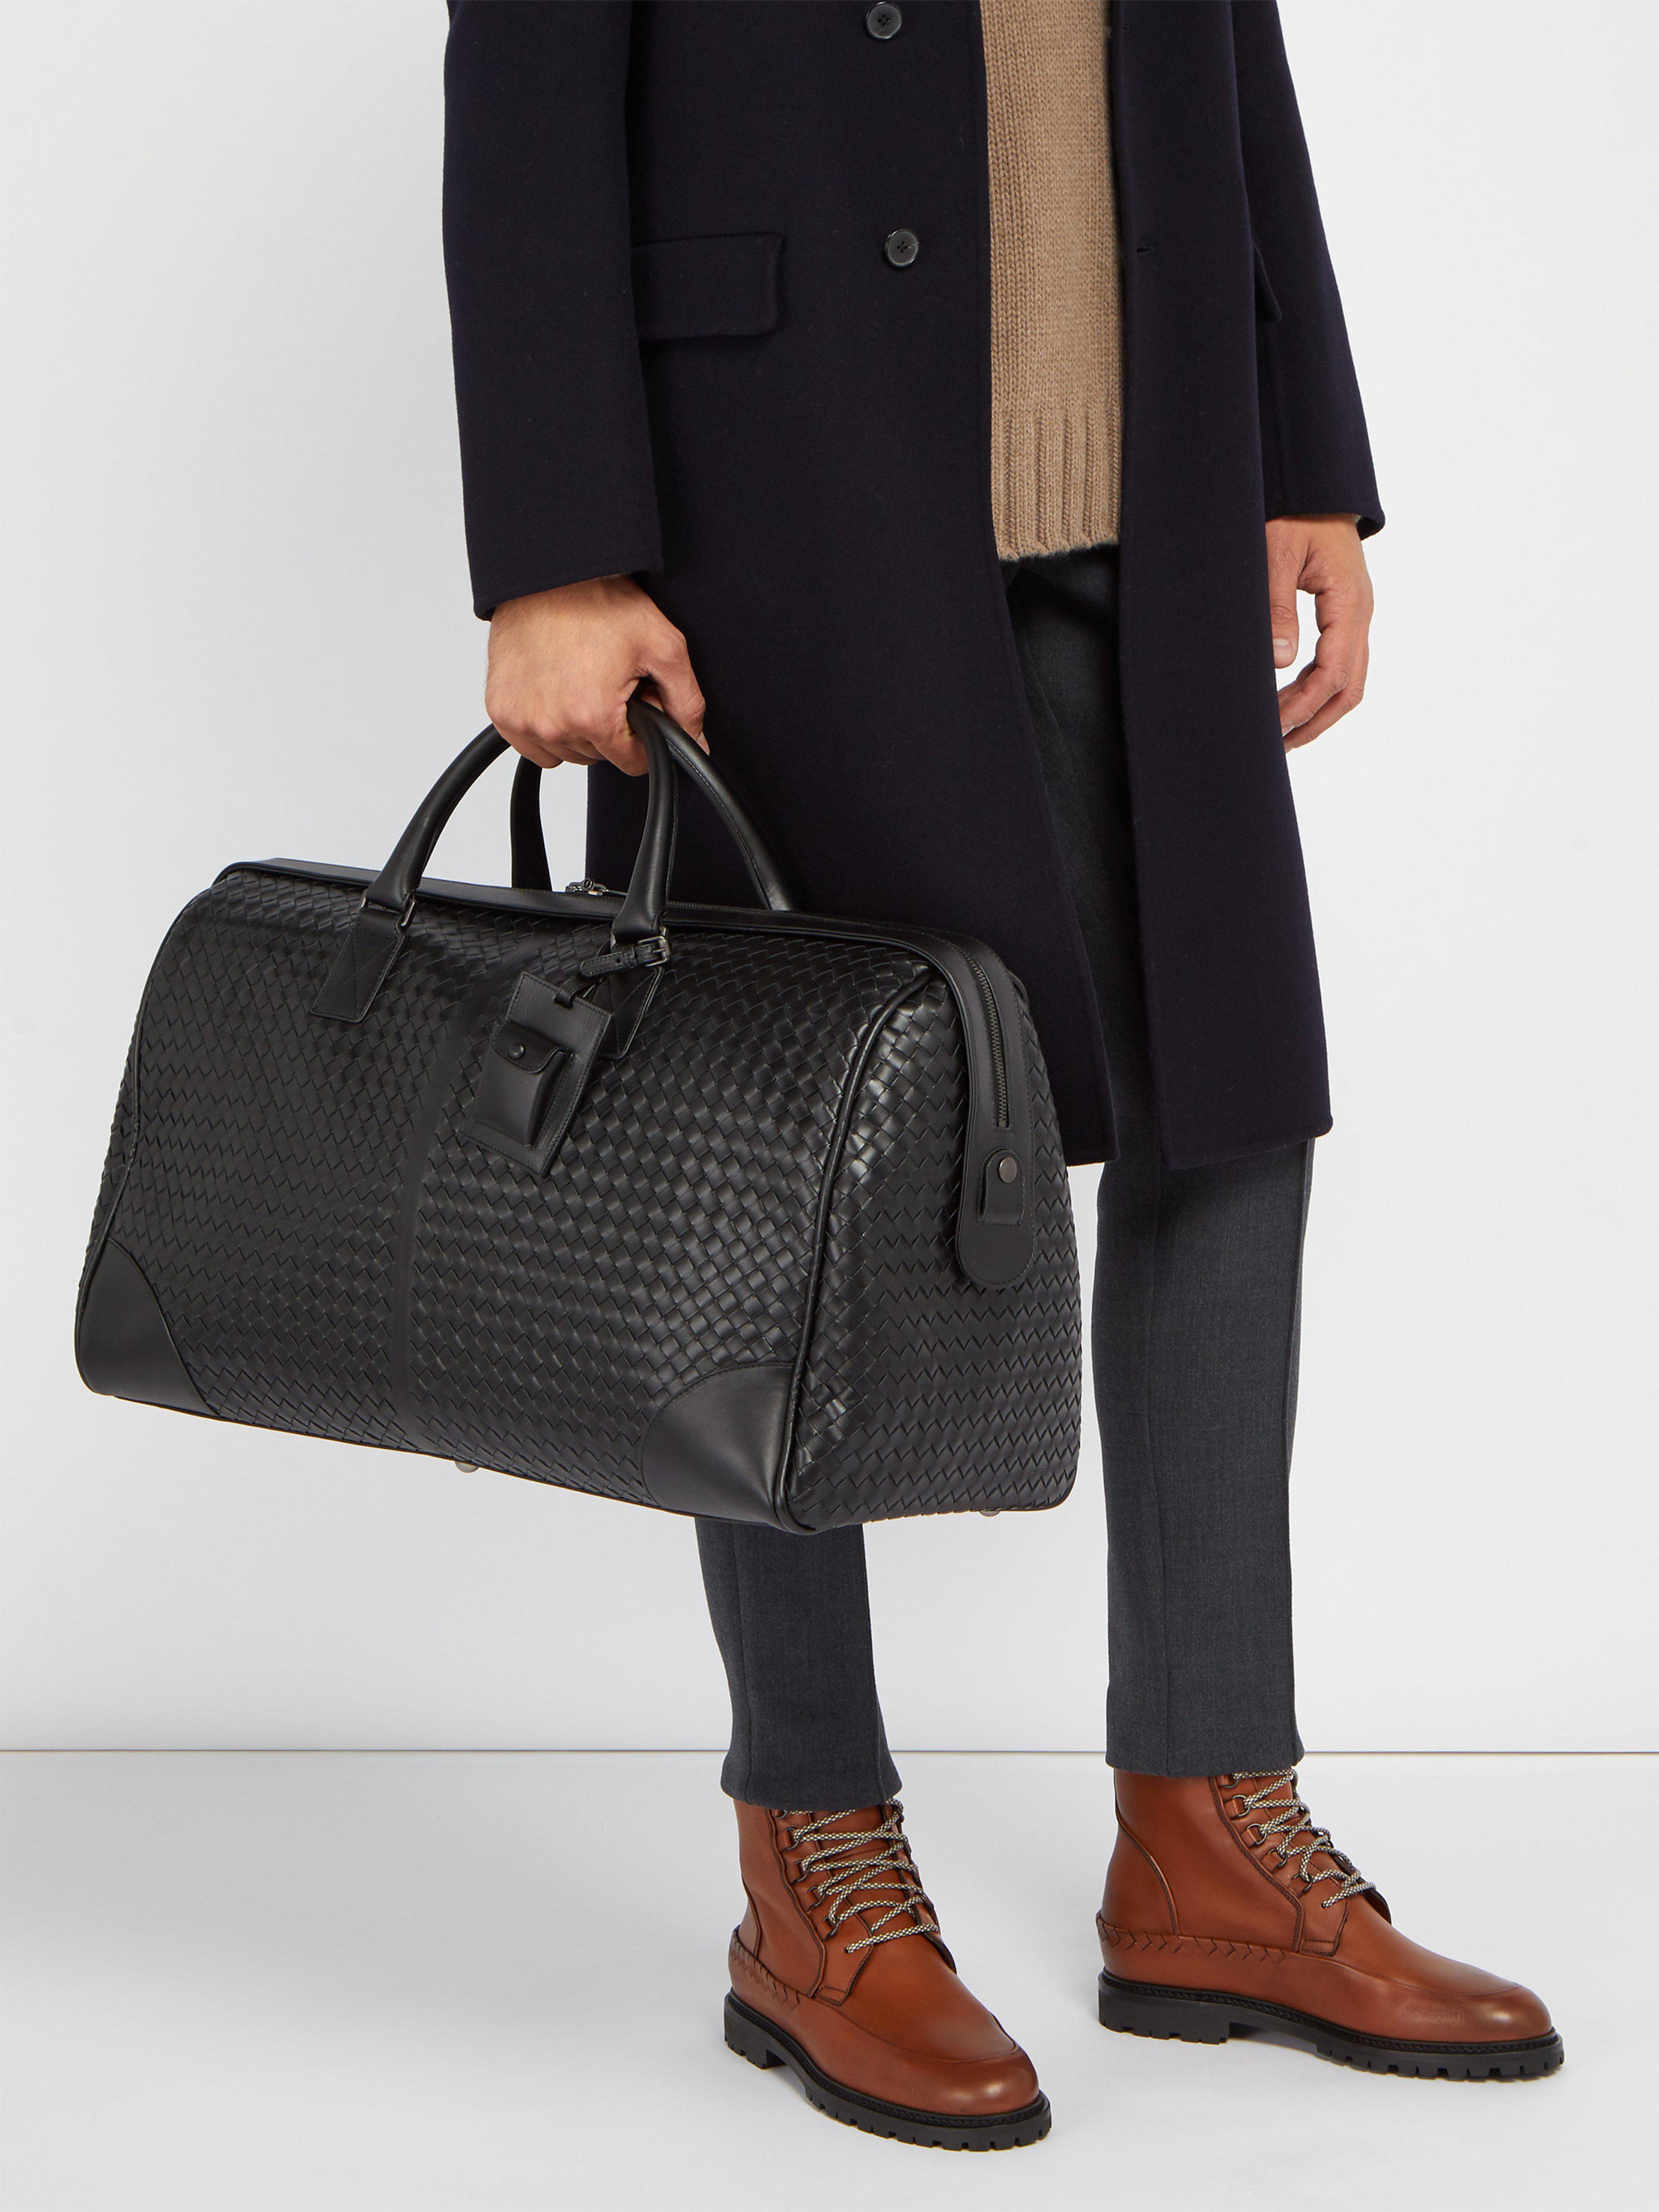 Lyst - Sac de voyage en cuir intrecciato Bottega Veneta pour homme ... 9dea59088de